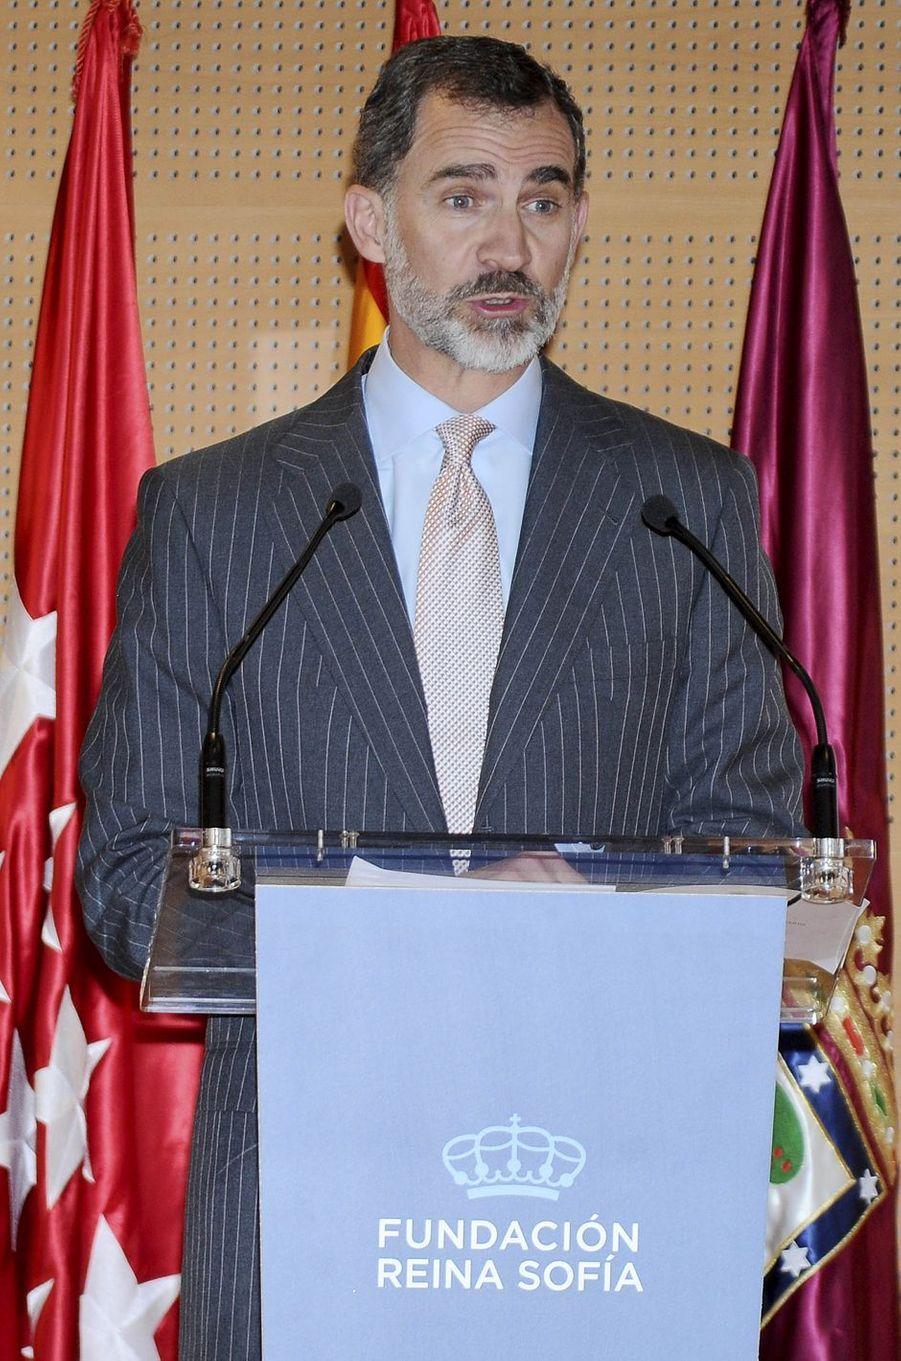 Le roi Felipe VI d'Espagne à Madrid, le 22 mai 2017